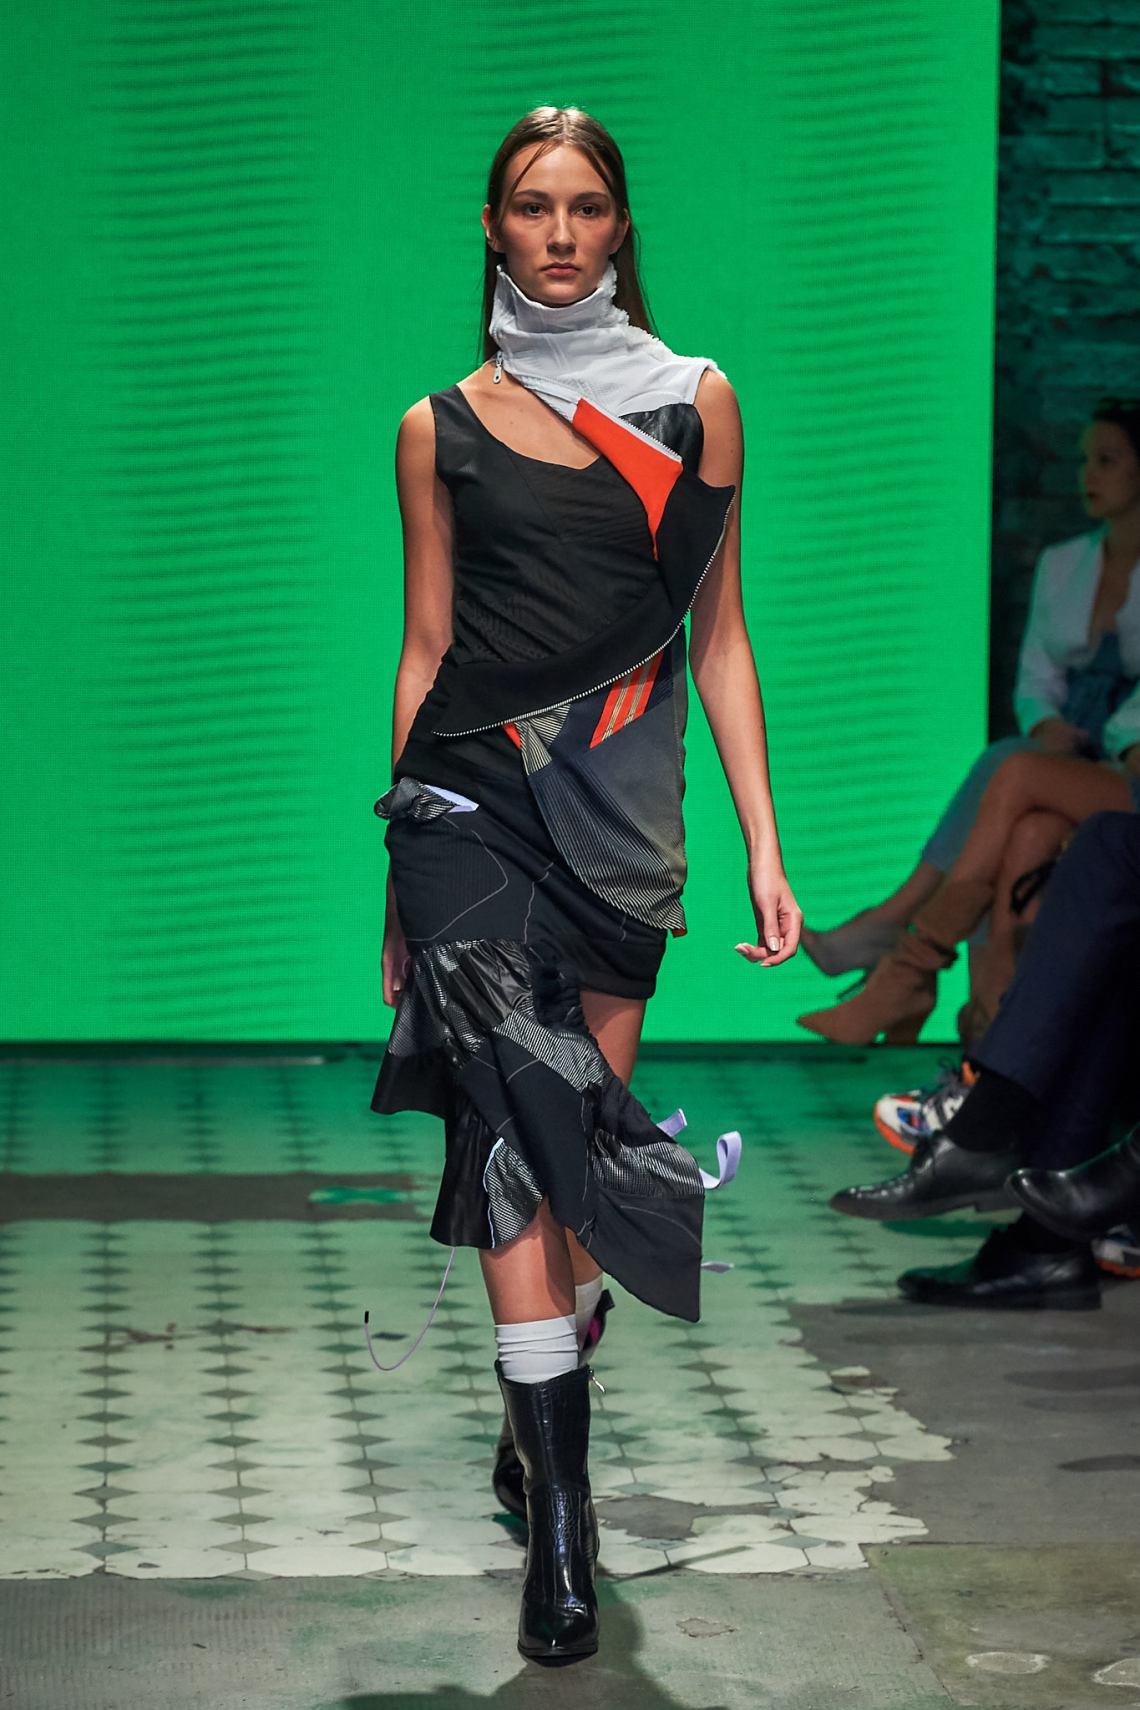 1_KTW_DAY1_111019_DARYA-WIERZBICKA_lowres-fotFilipOkopny-FashionImages